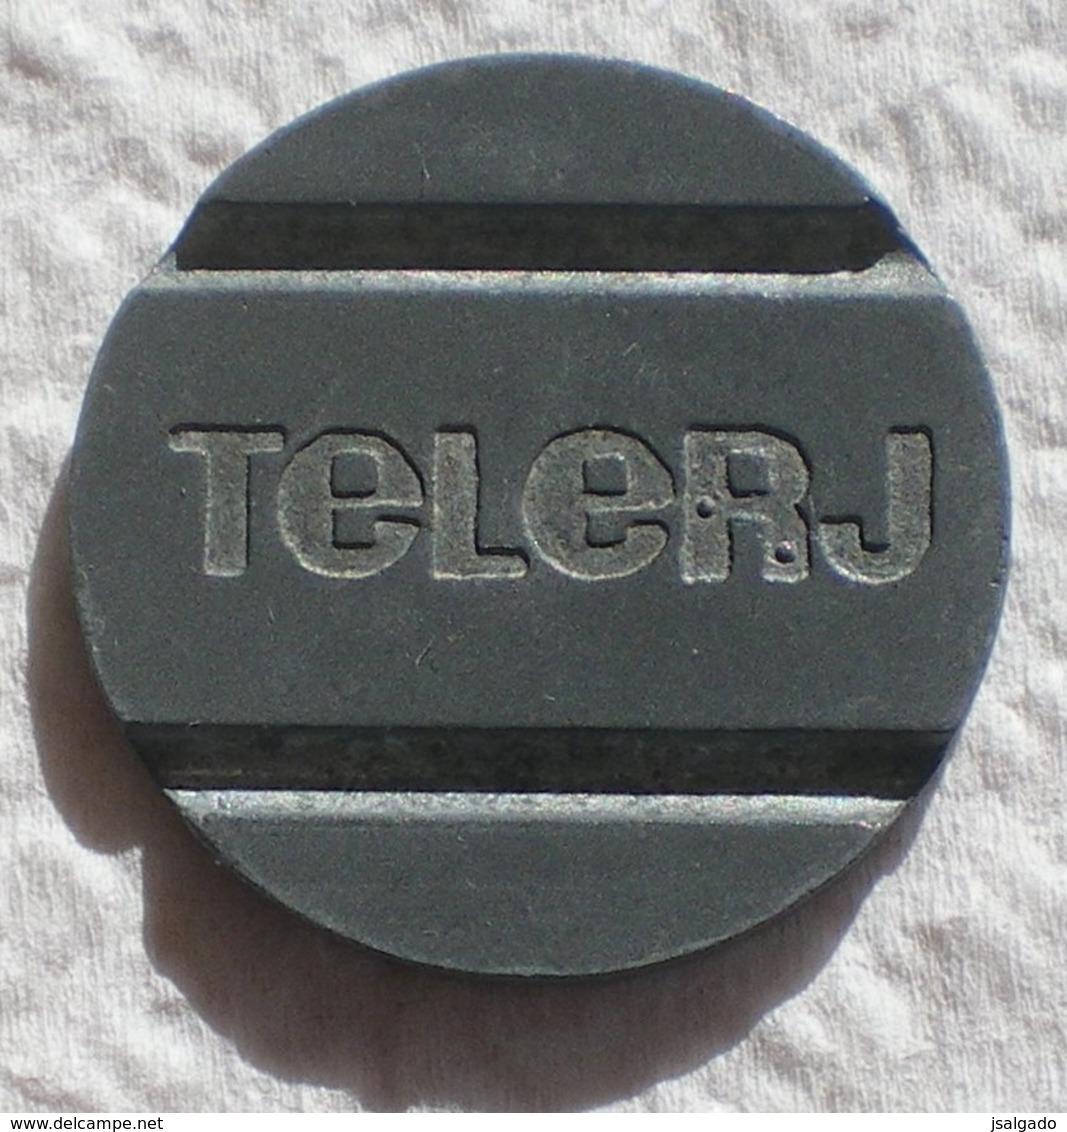 Brasil Telephone Token  TELERJ Telecomunicações Do Rio De Janeiro  Dot To The Front And Behind R - Noodgeld